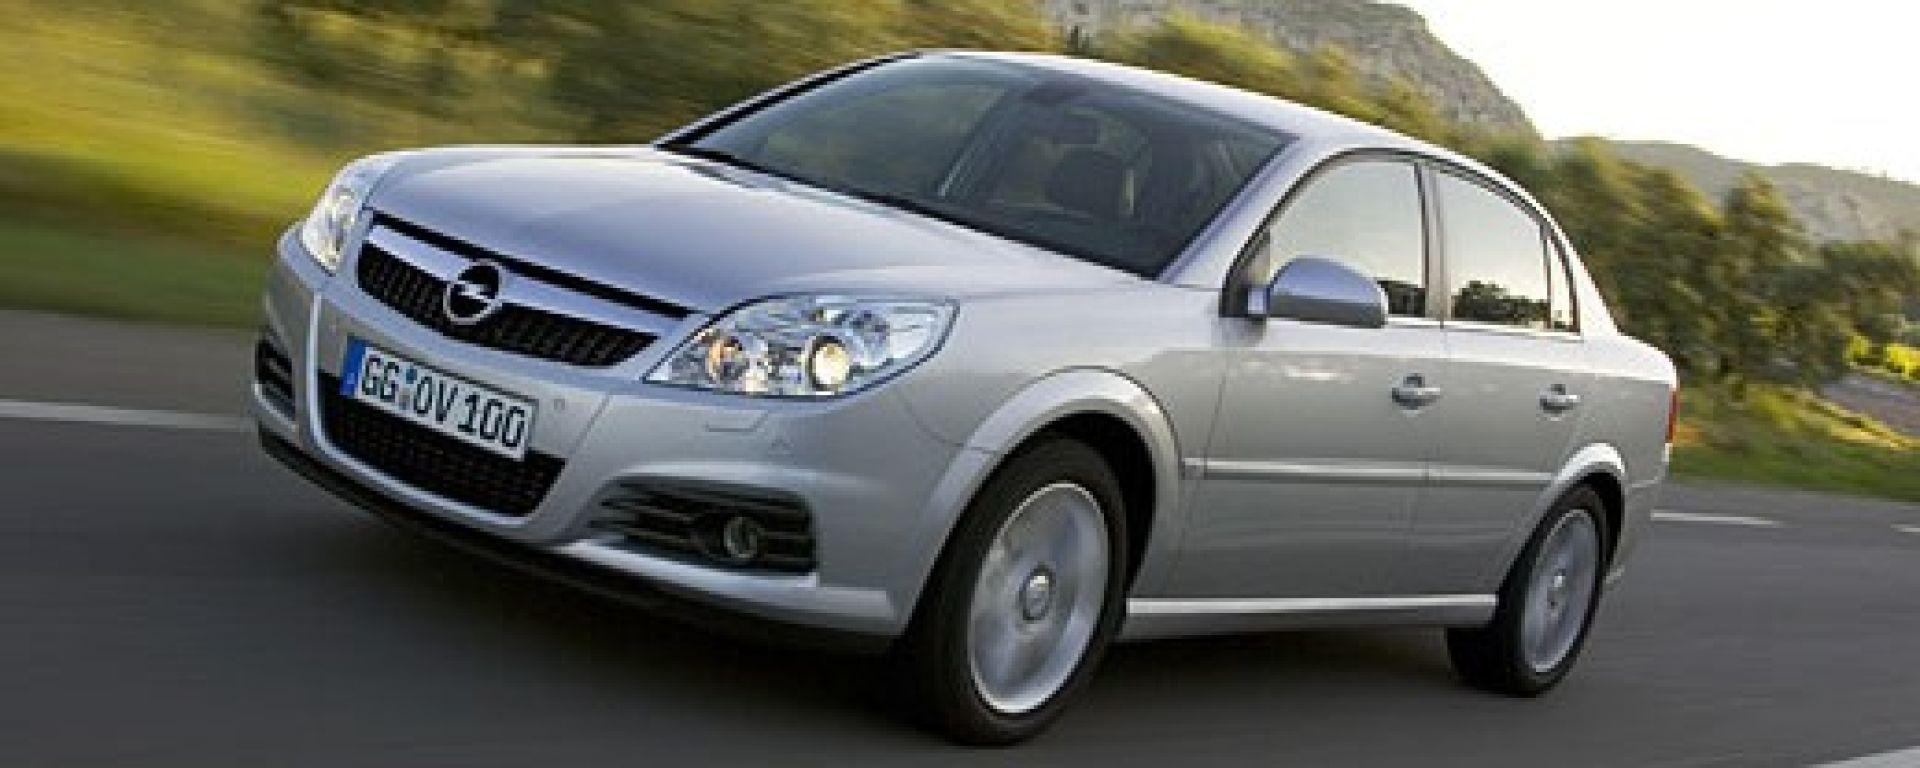 Opel Vectra e Signum 2006